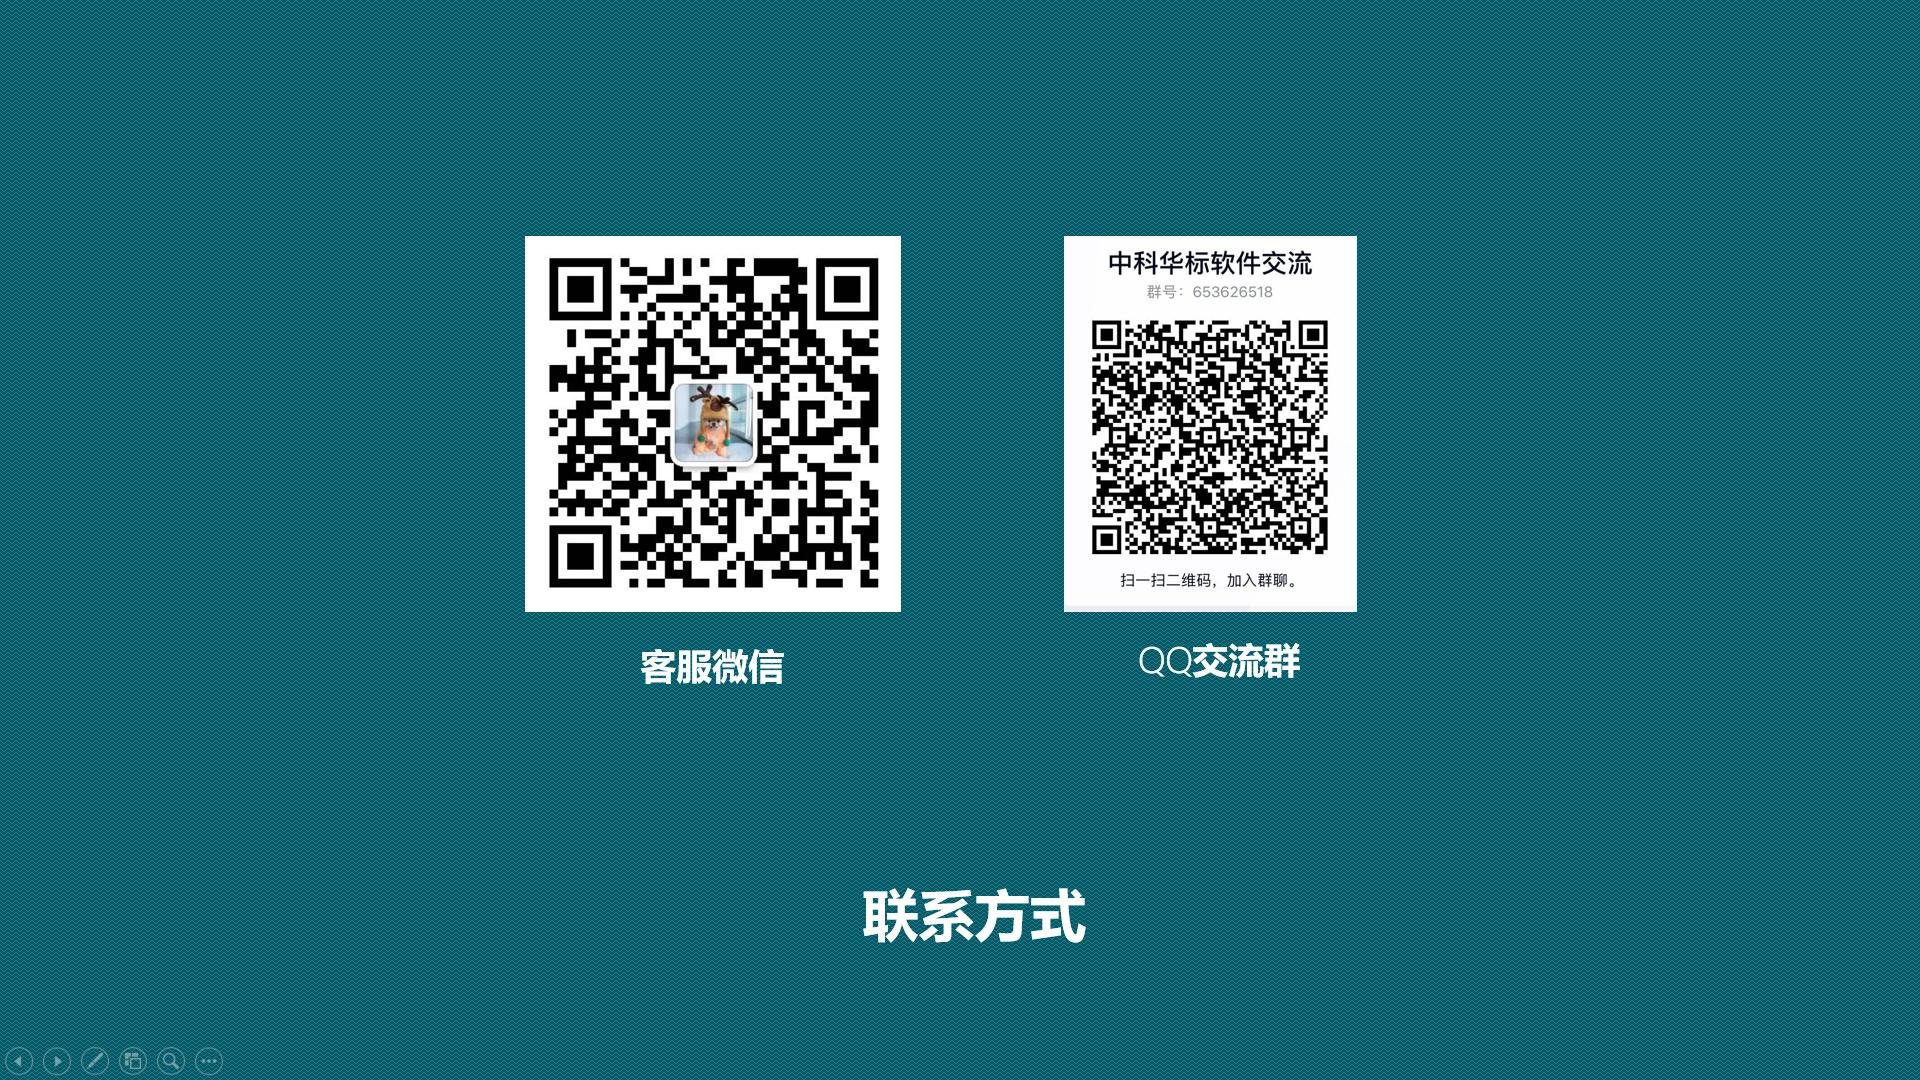 微信截图_20200823224058.png